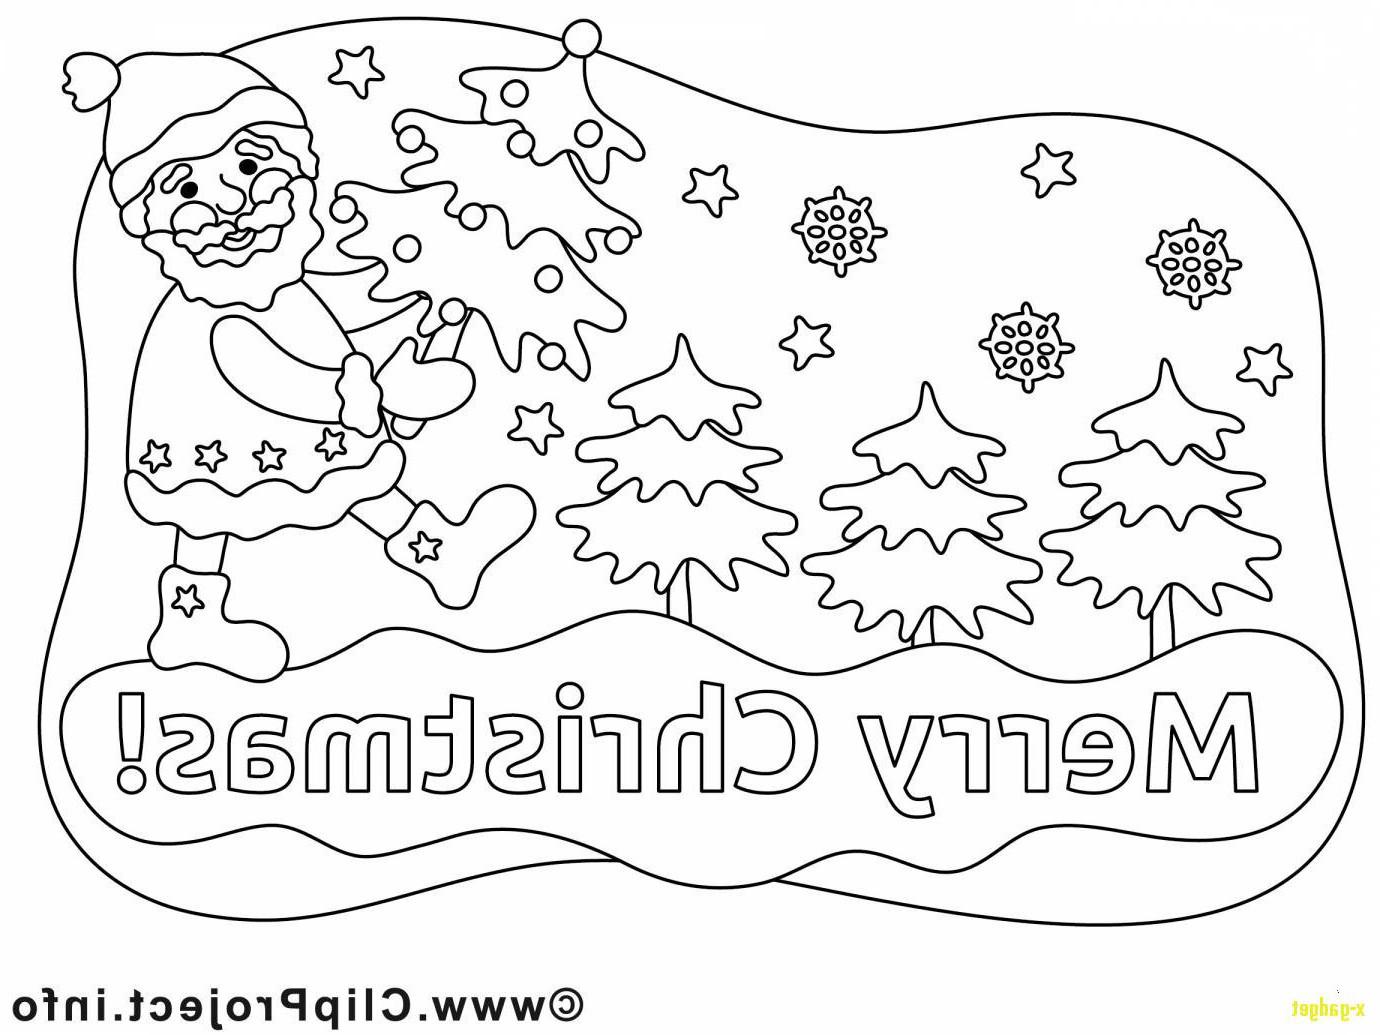 Olaf Ausmalbilder Zum Ausdrucken Inspirierend 29 Einzigartig Ausmalbild Weihnachten – Malvorlagen Ideen Das Bild